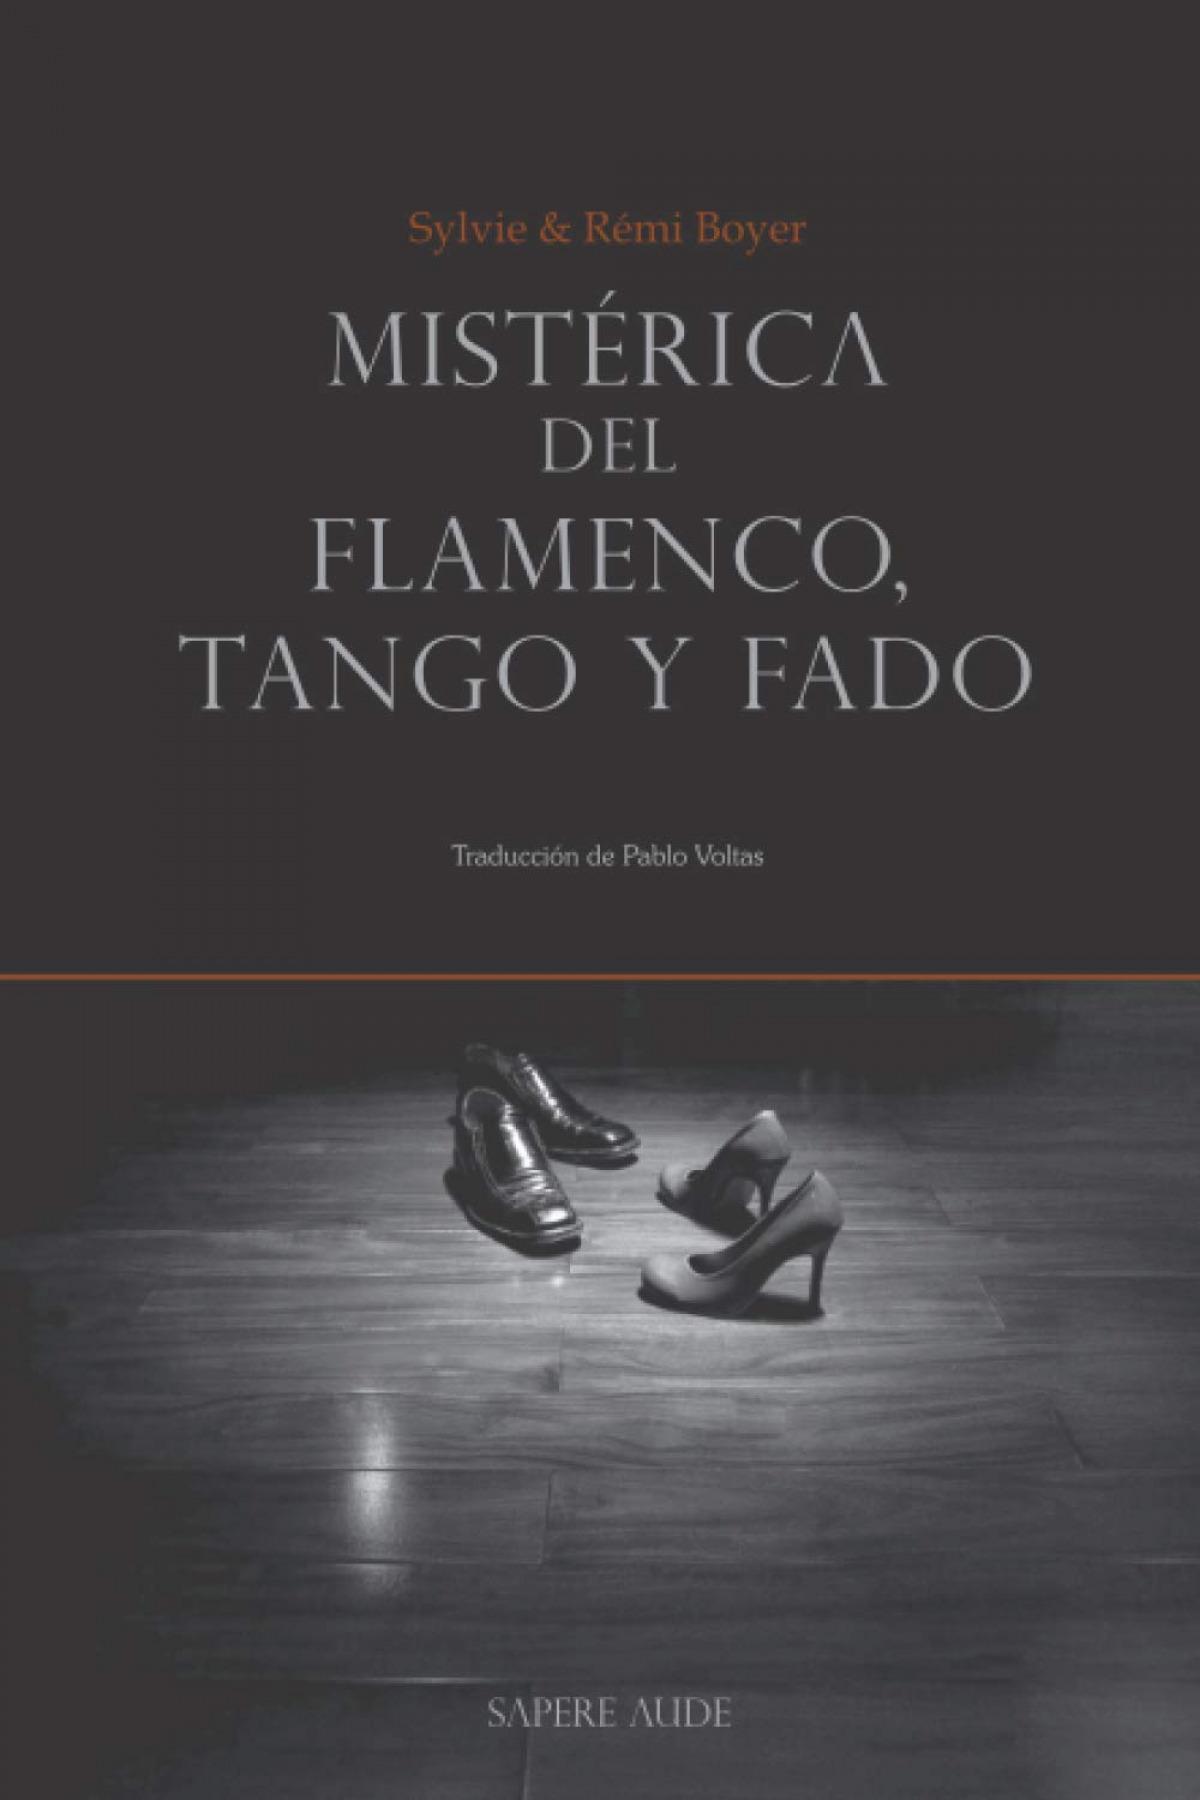 MISTÈRICA DEL FLAMENCO, TANGO Y FADO